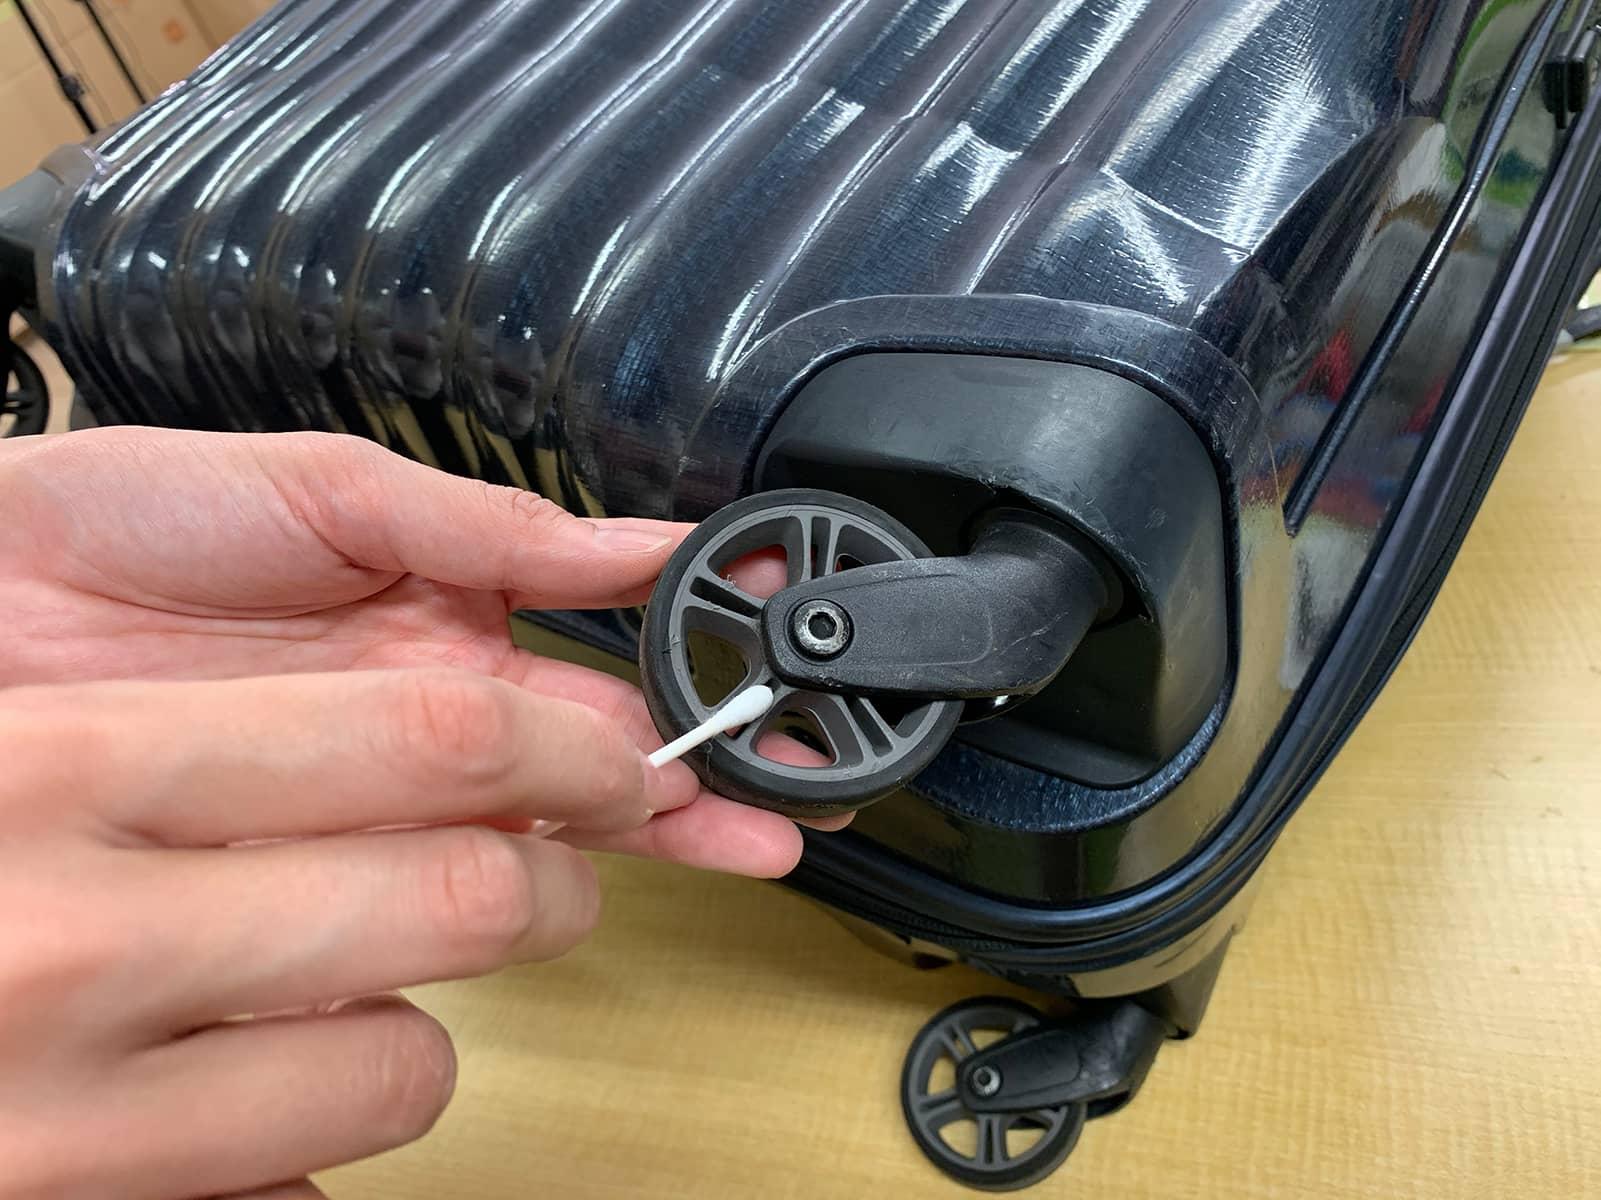 スーツケースのキャスターに絡まったゴミや埃を綿棒で取り除いている様子